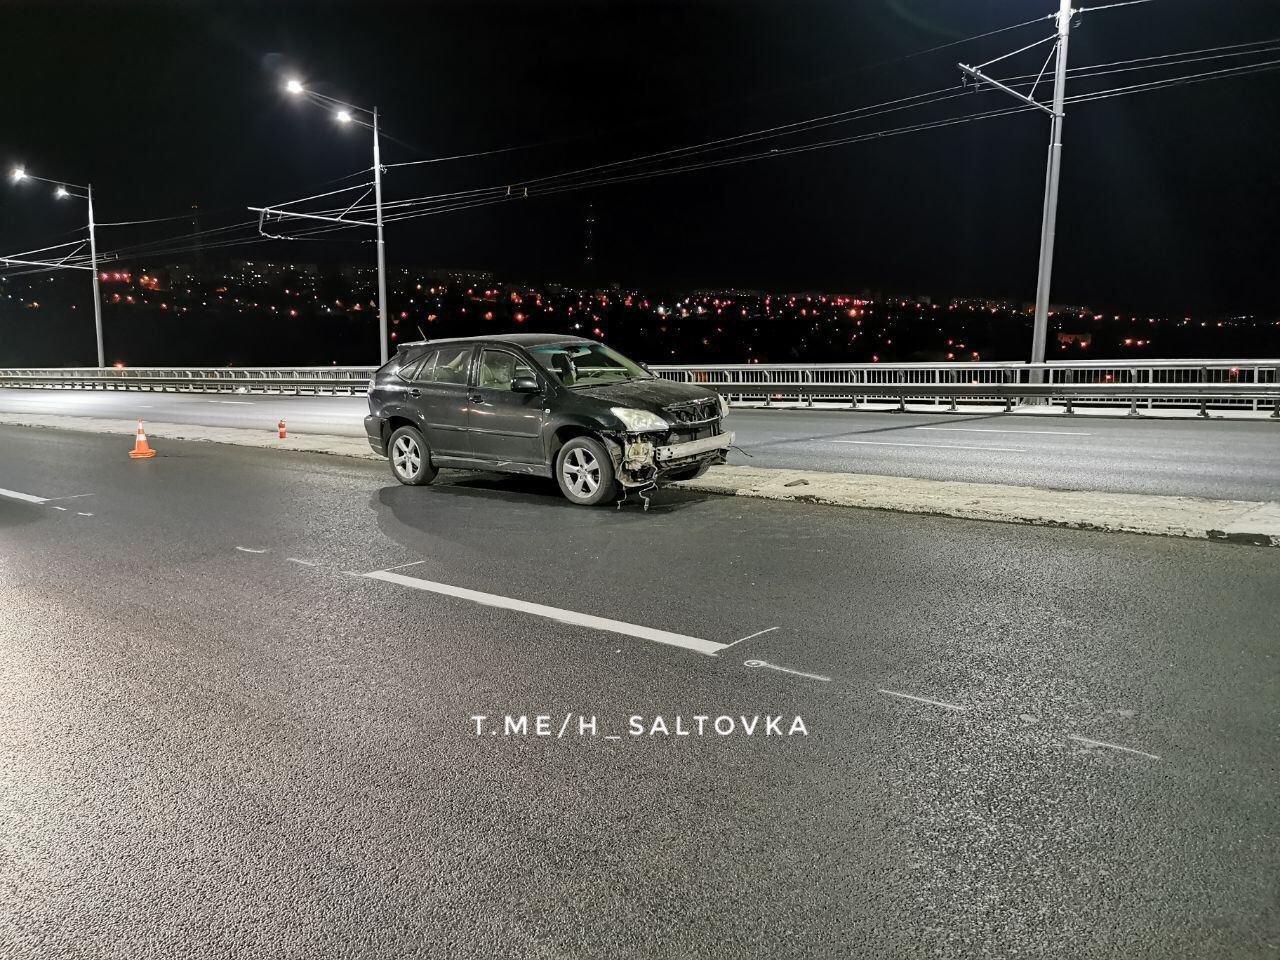 Ночное ДТП на Коммунальном мосту: на пьяного водителя составили два админпротокола, - ФОТО